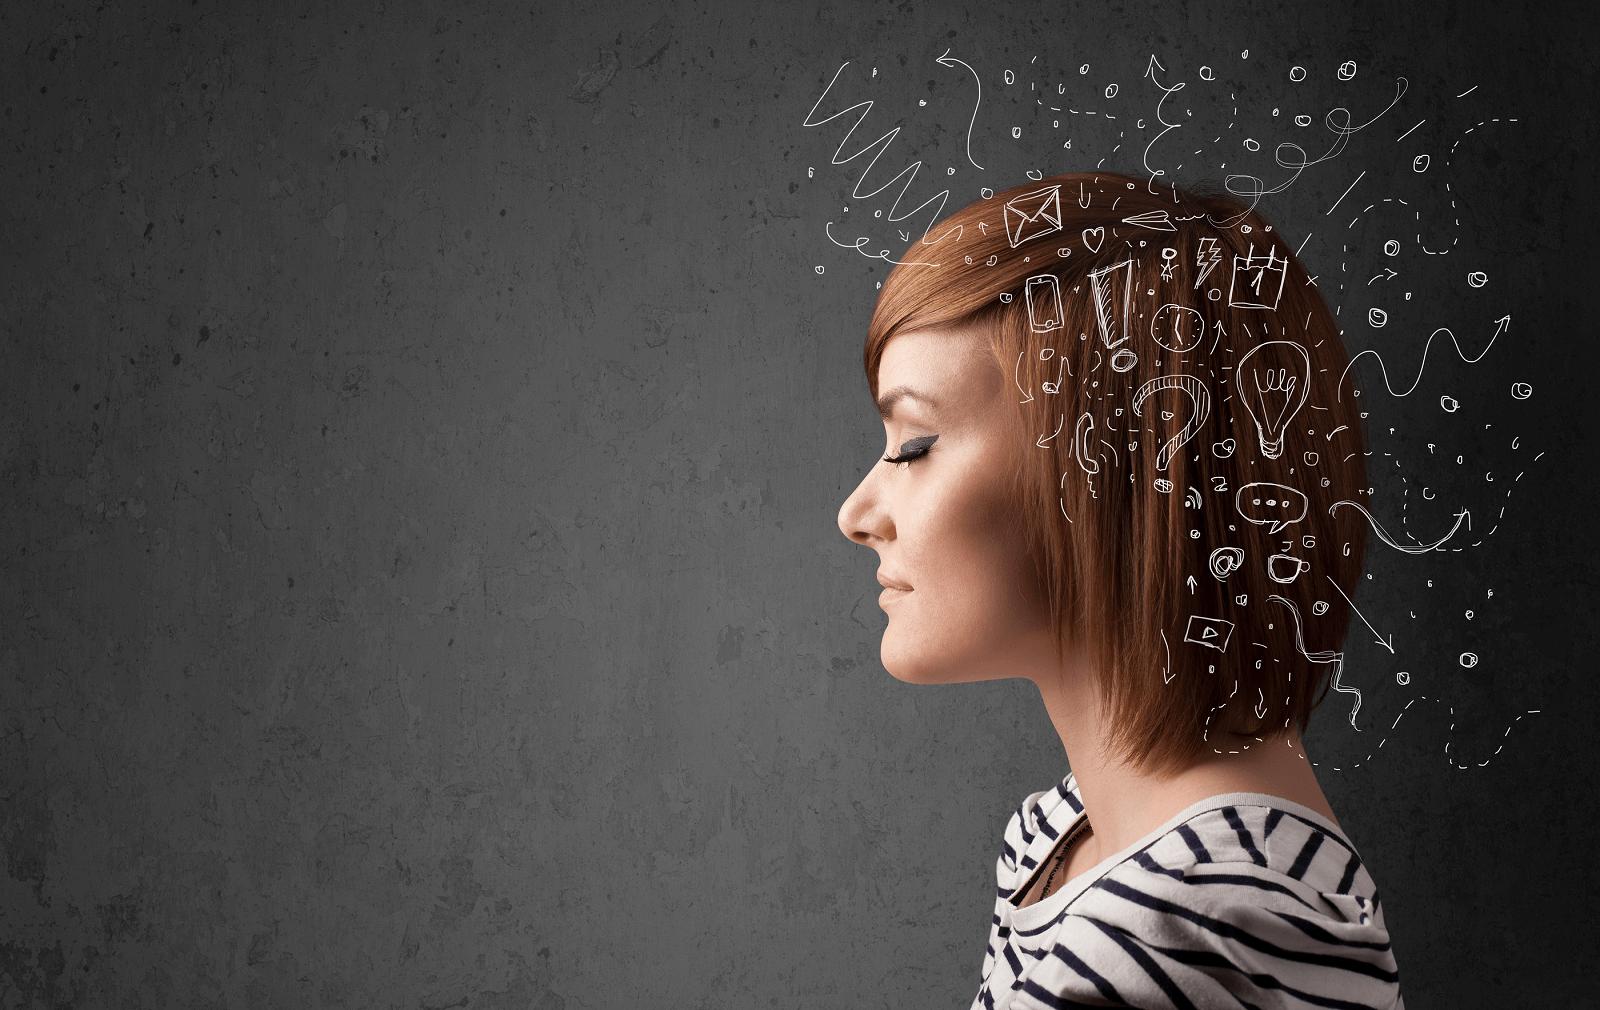 Тайны подсознания человека. Что может открыть каждый?